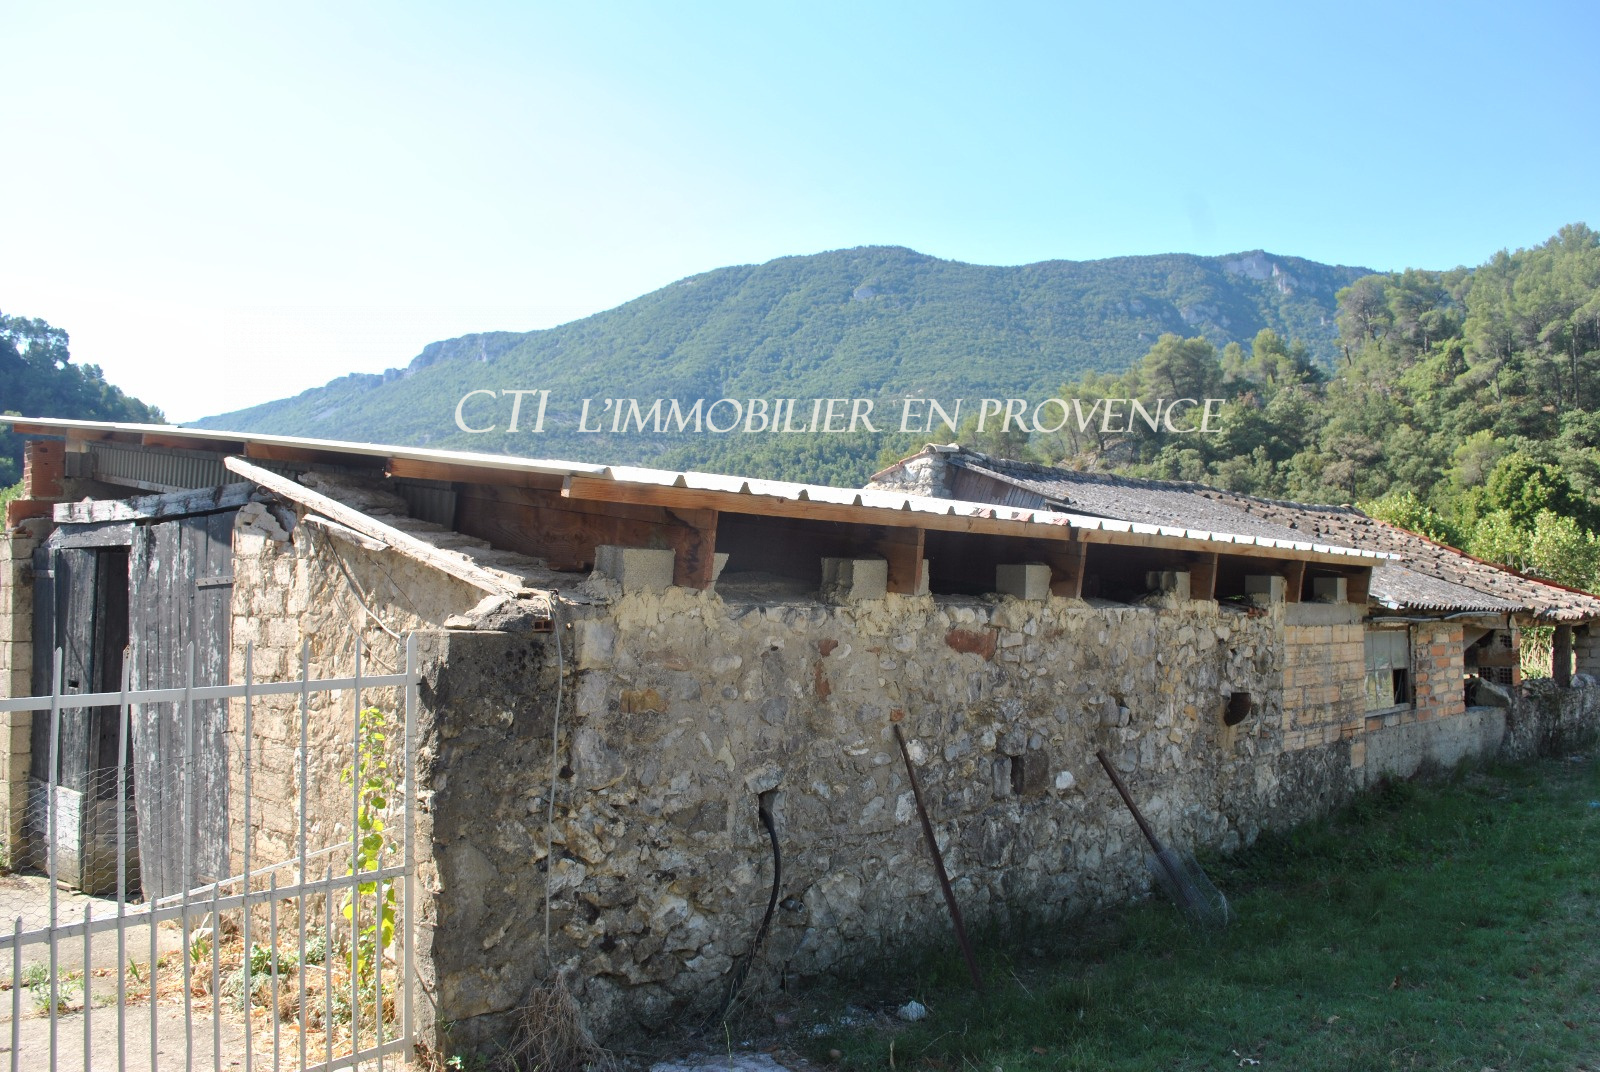 0 www.cti-provence.net, vente ferme à restaurer, nombreuses possibilités, terrain